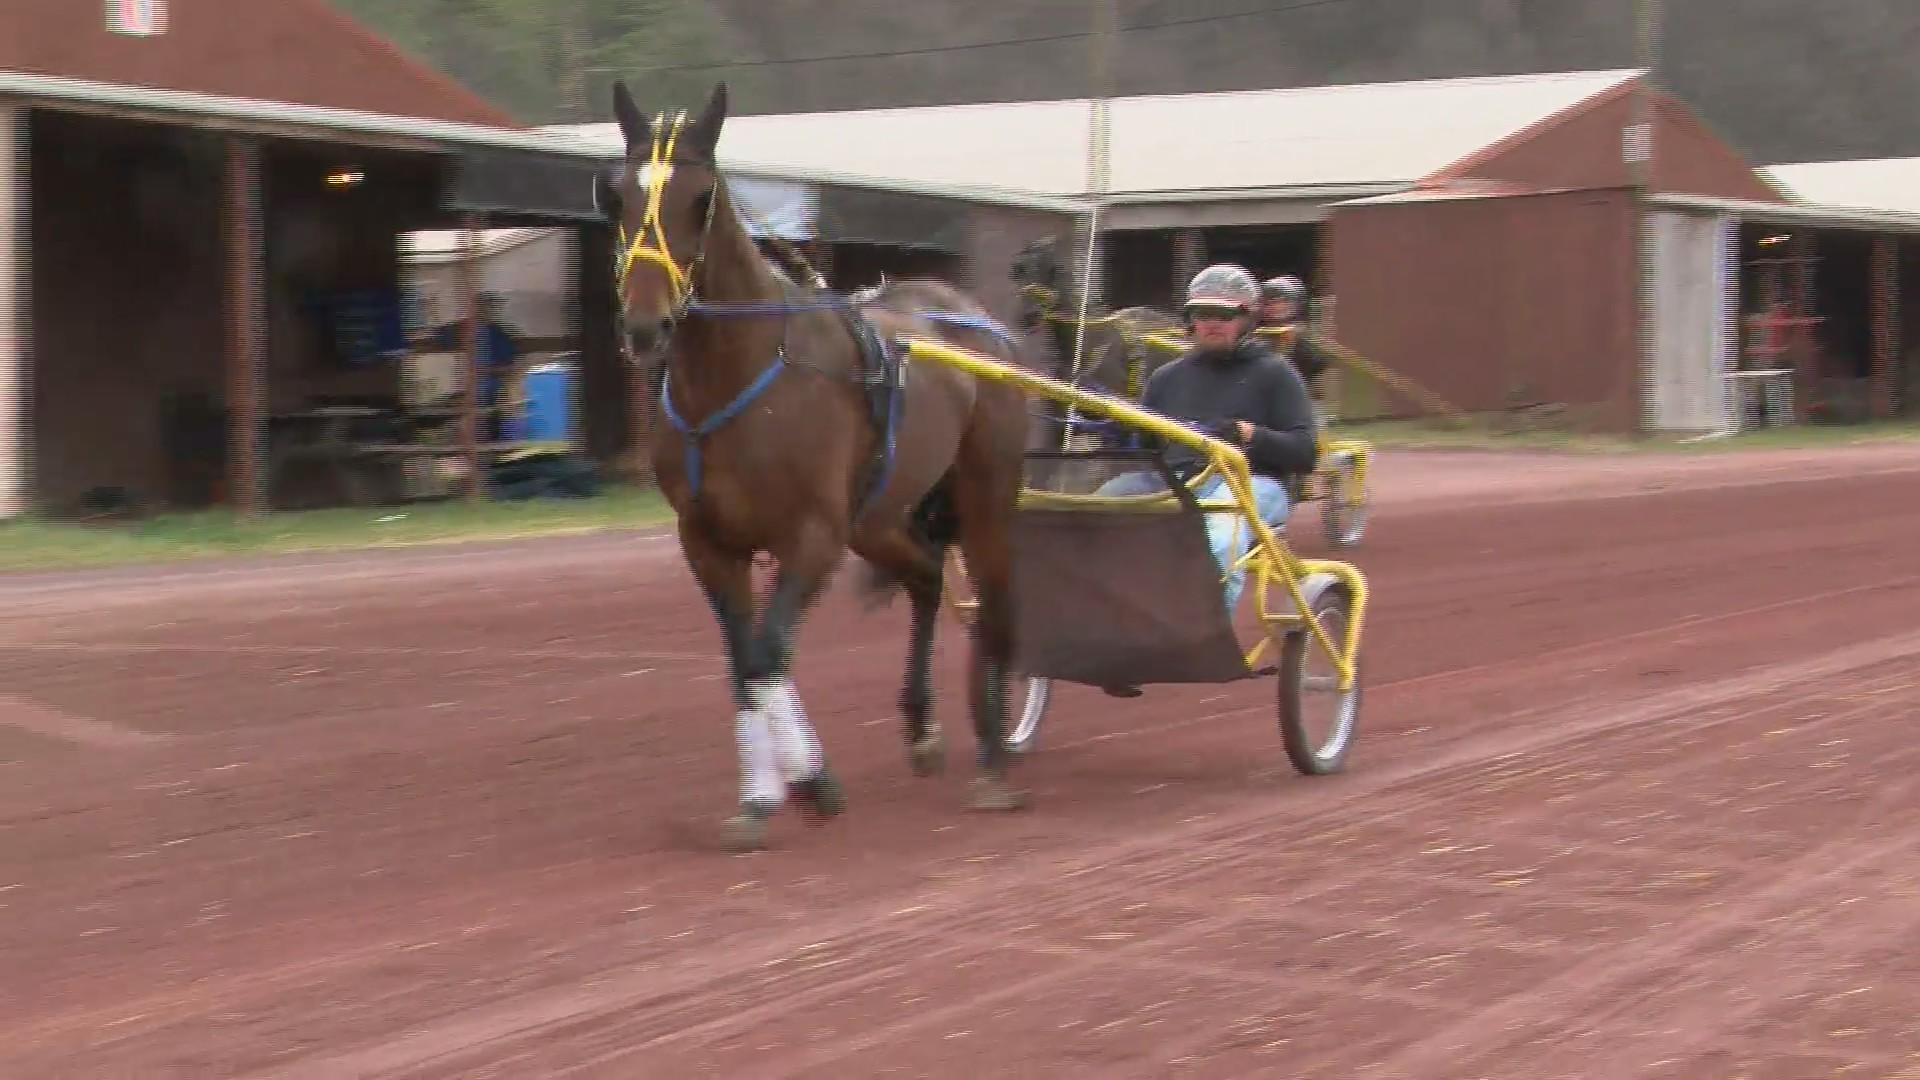 Horse_Racing_Begins_0_20190410164757